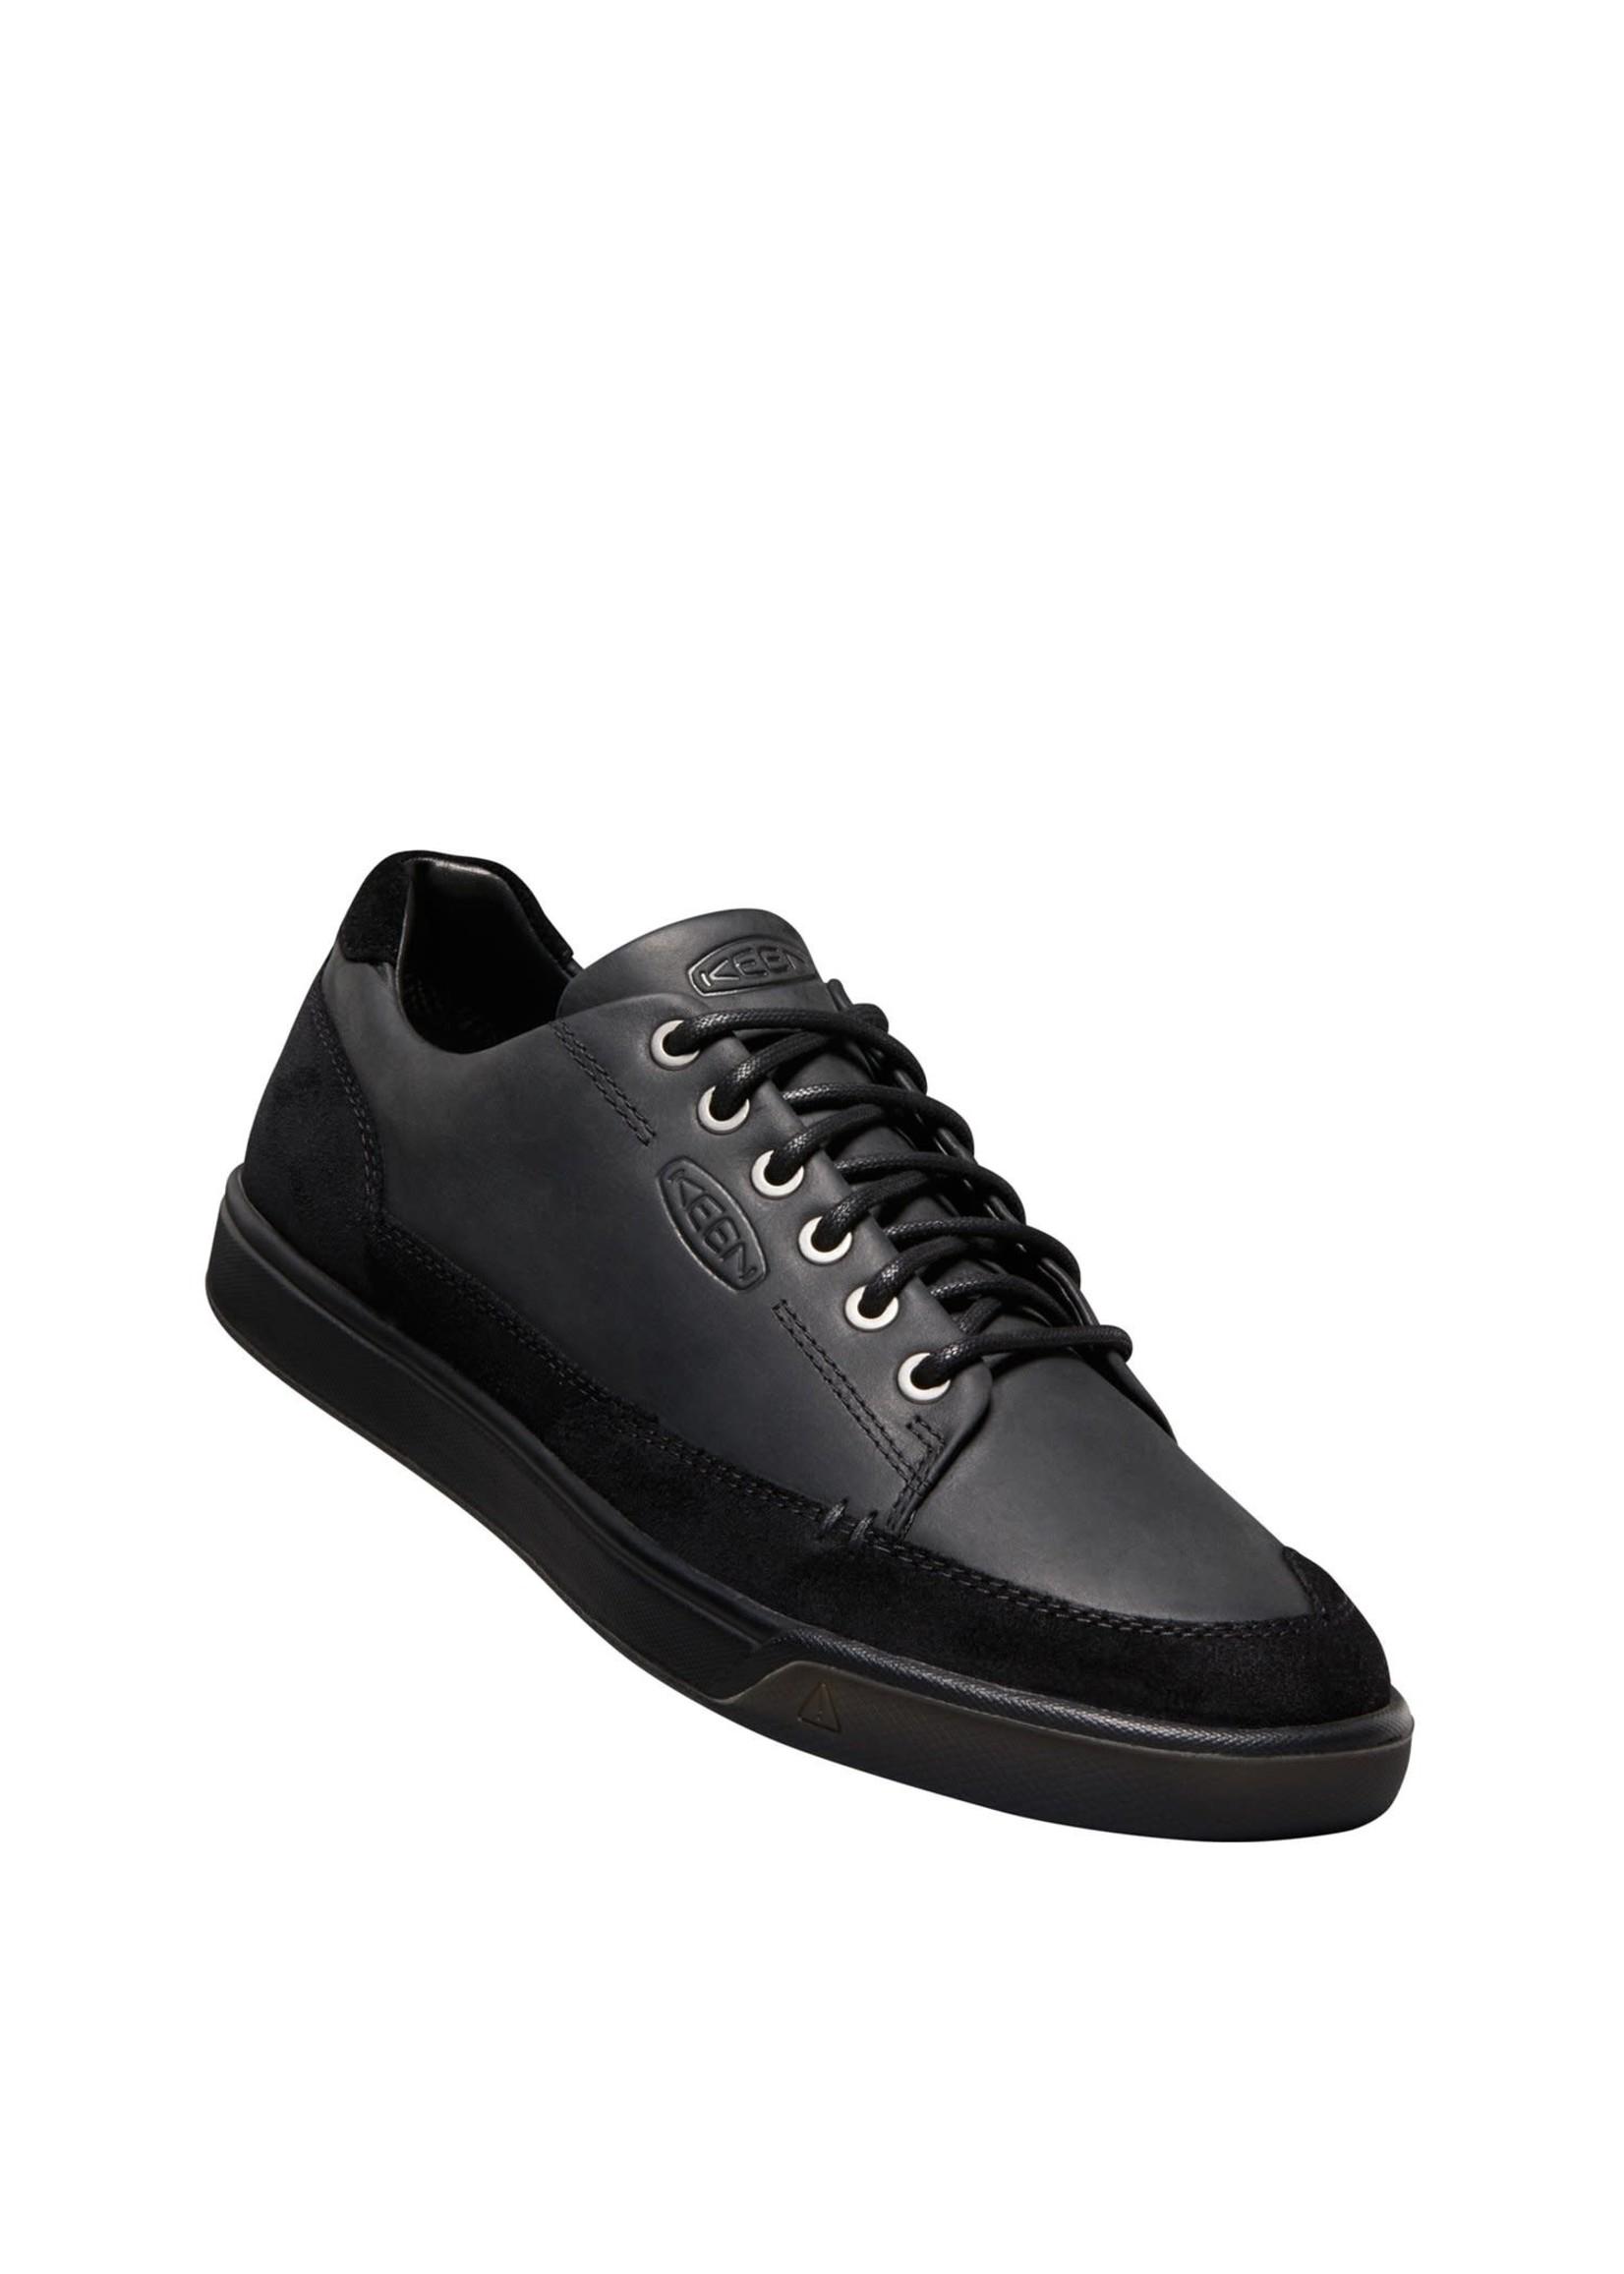 KEEN Souliers Glenhaven Sneaker